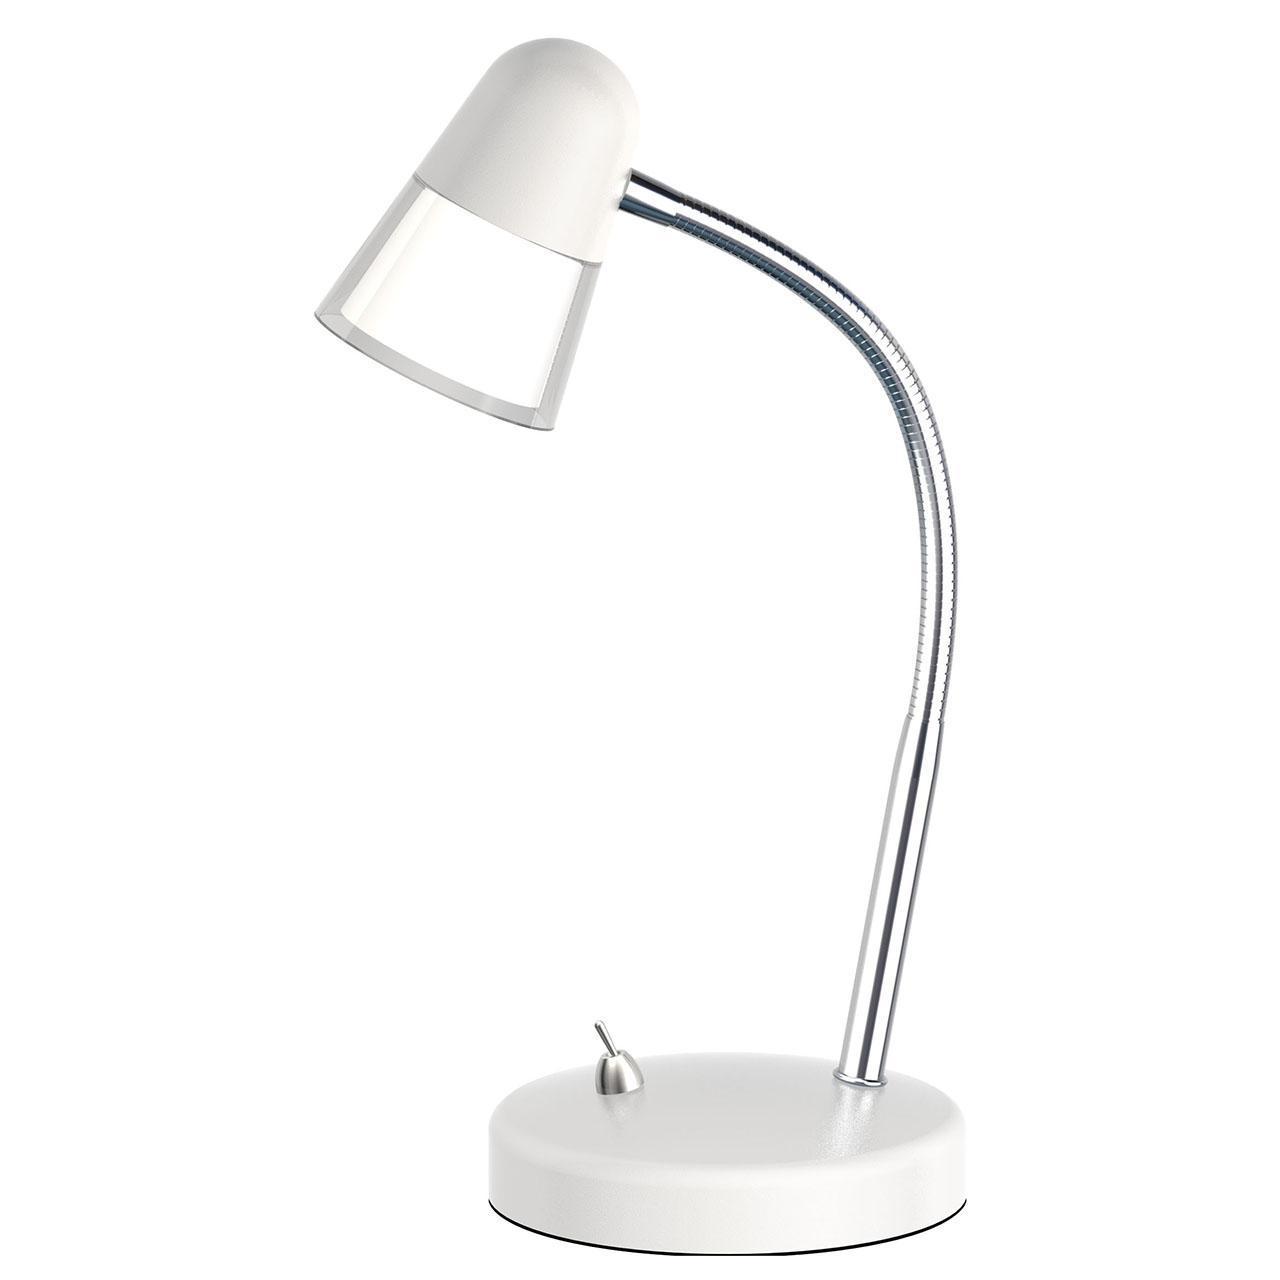 Настольная светодиодная лампа Horoz Buse белая 049-007-0003 (HL013L) цена